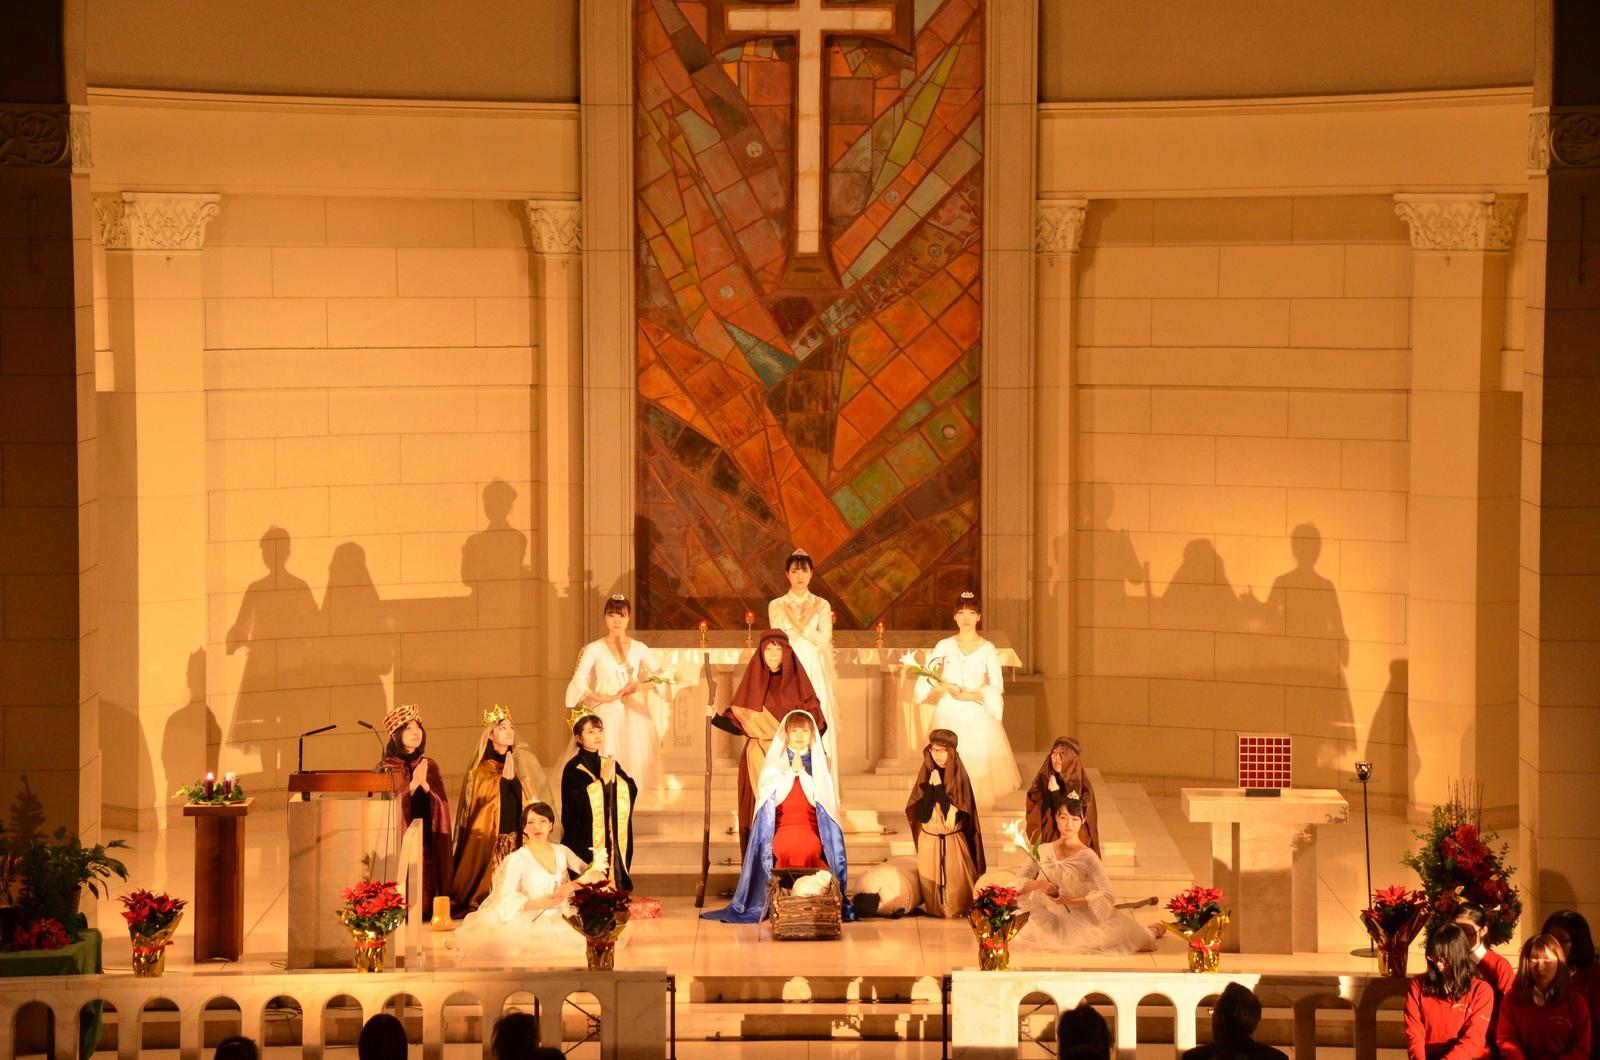 聖心女子大学が12月19日にオンラインでクリスマス・オープンキャンパスを開催 -- 高校1・2年生に向け8学科の教員・在学生が聖心の学びの特徴を紹介